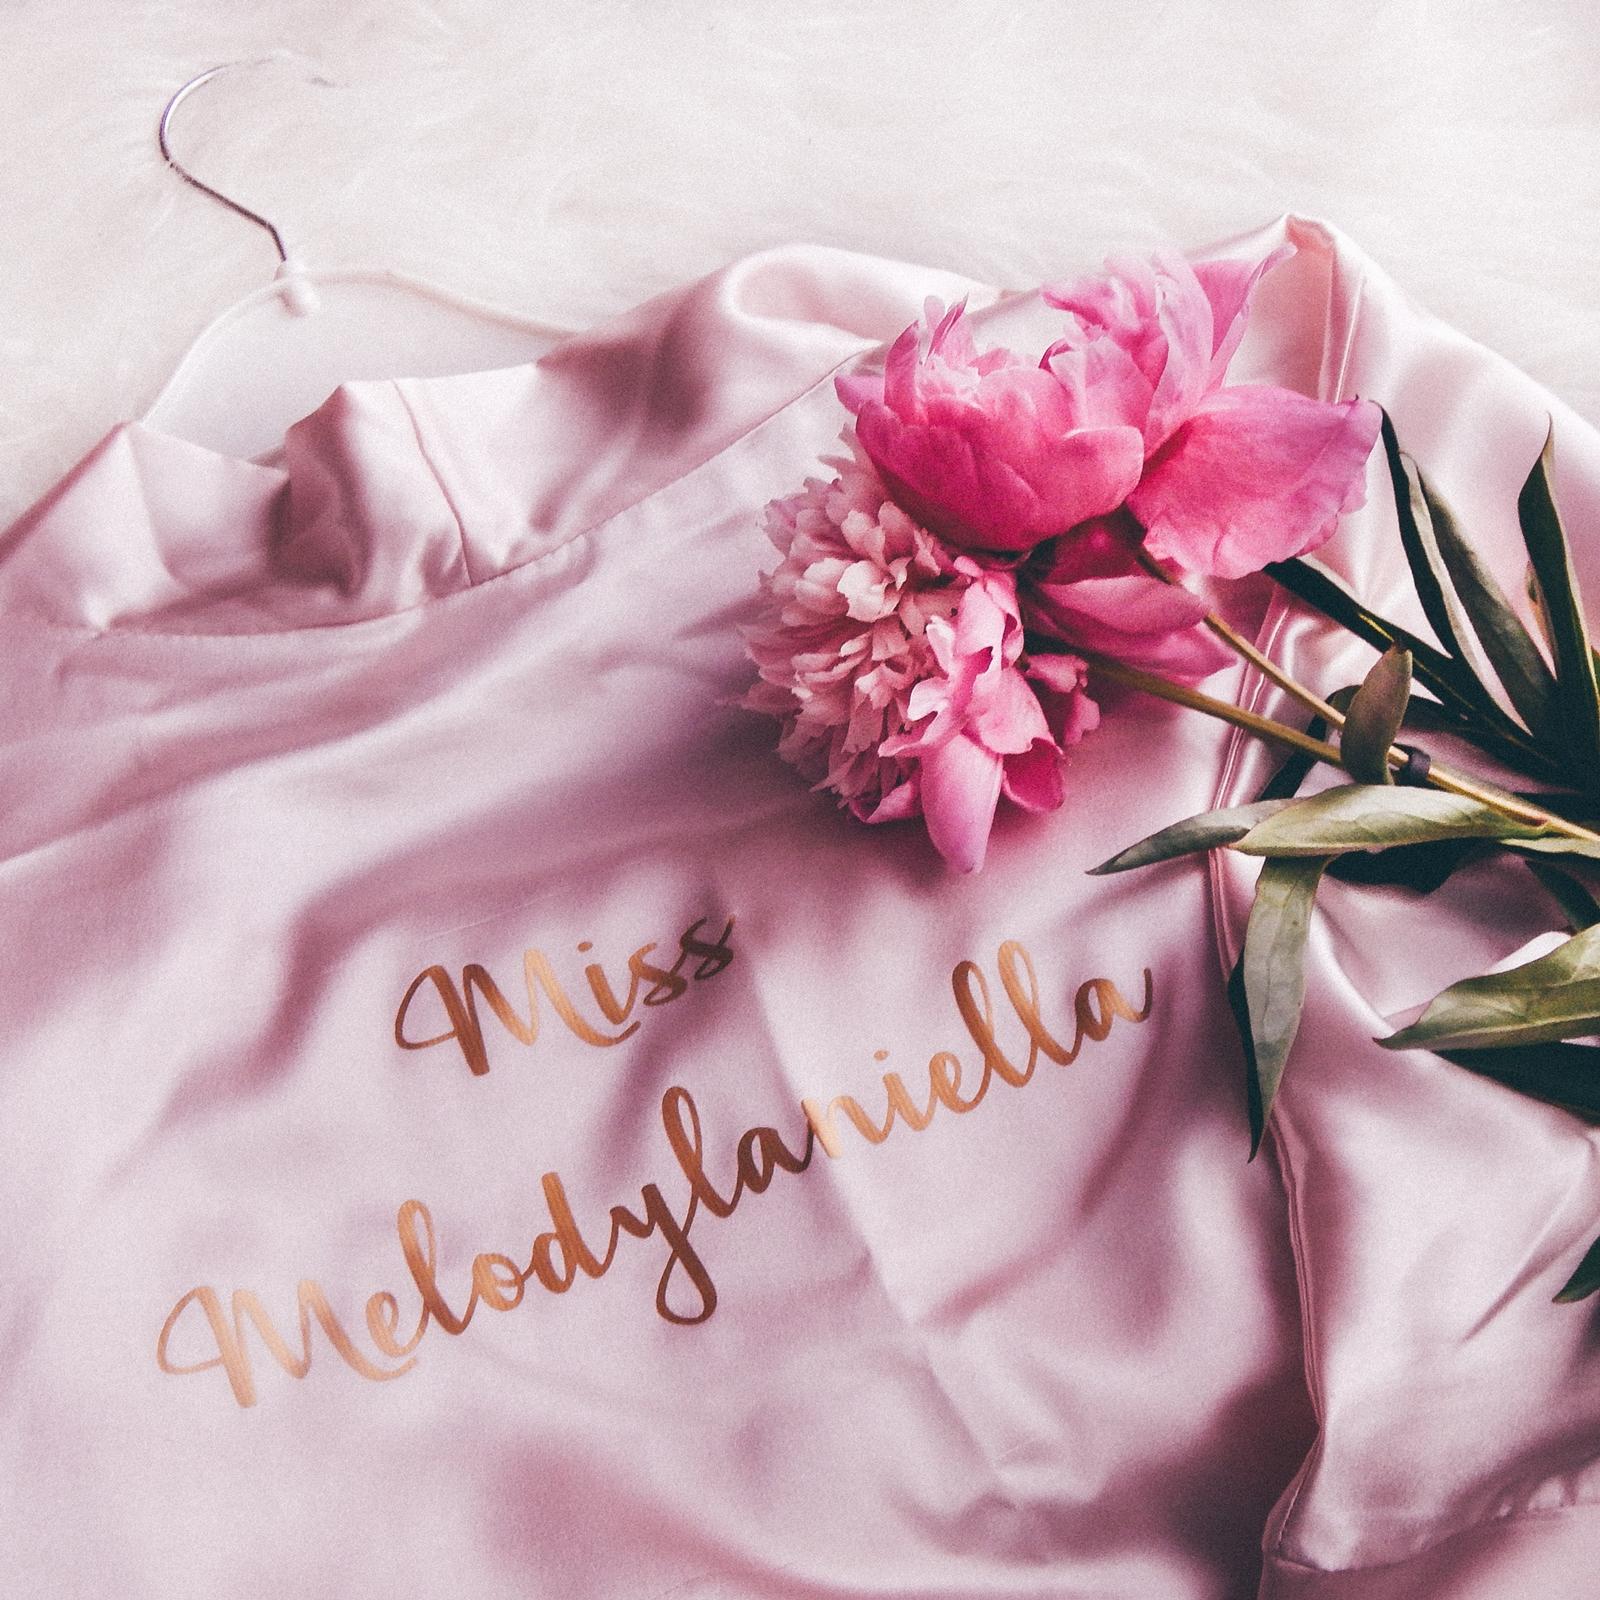 1 personalizowany szlafrok feel comfy miss melodylaniella satynowy szlafroczek dla panny młodej, na wieczór panieński, szlafrok na prezent pomysł na prezent dla młodej pary jaki prezent na wesele